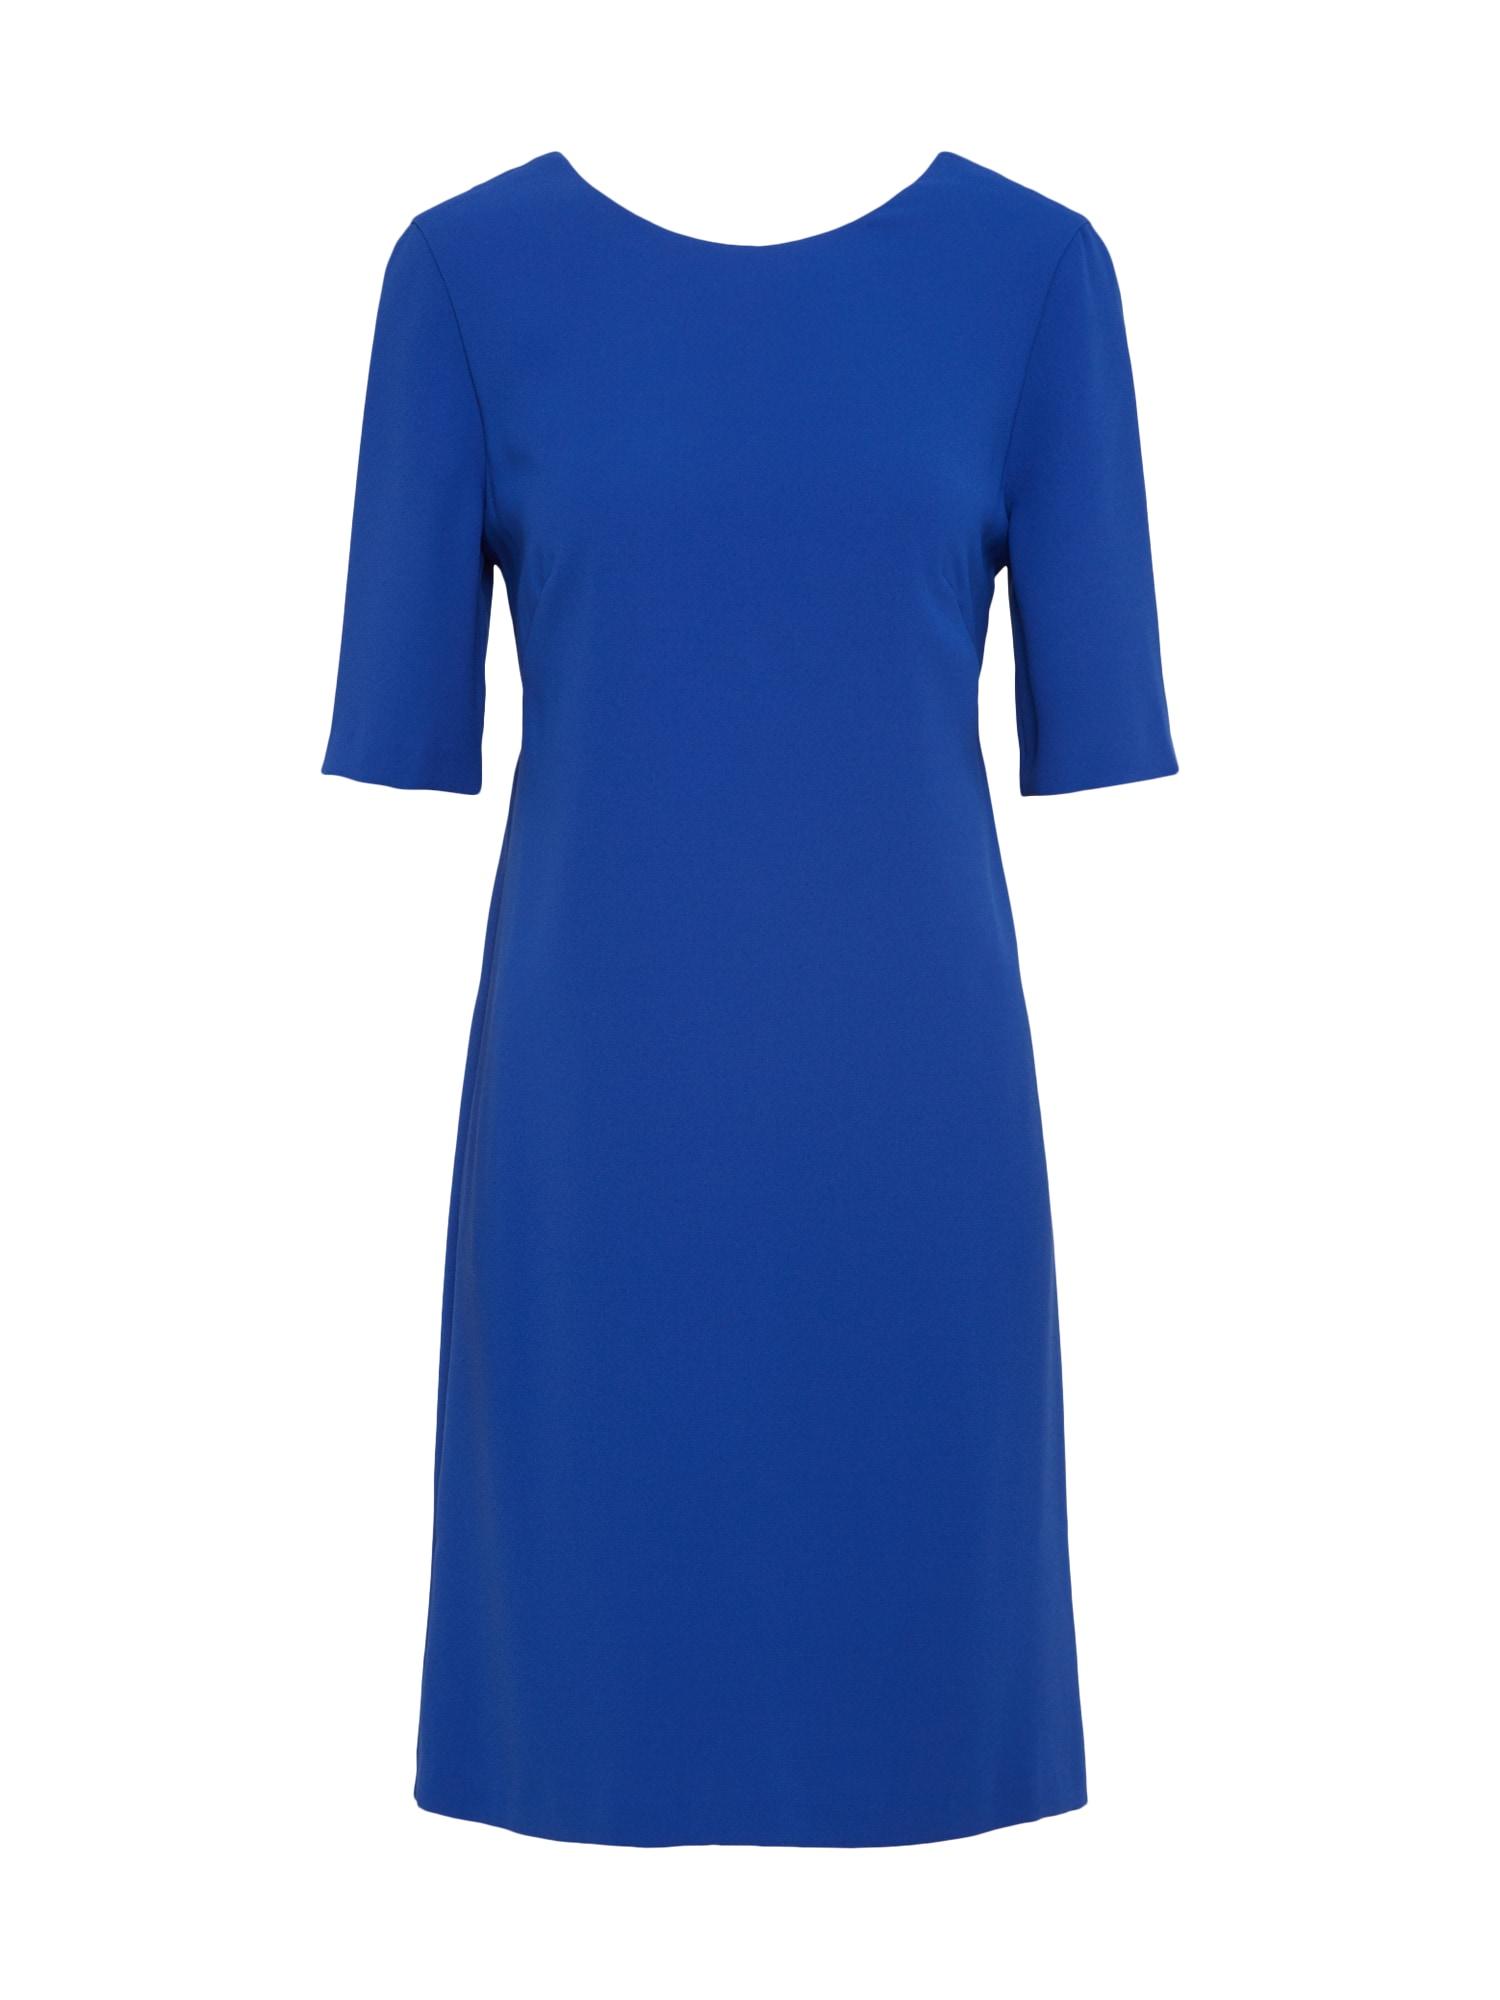 Šaty kobaltová modř Talkabout